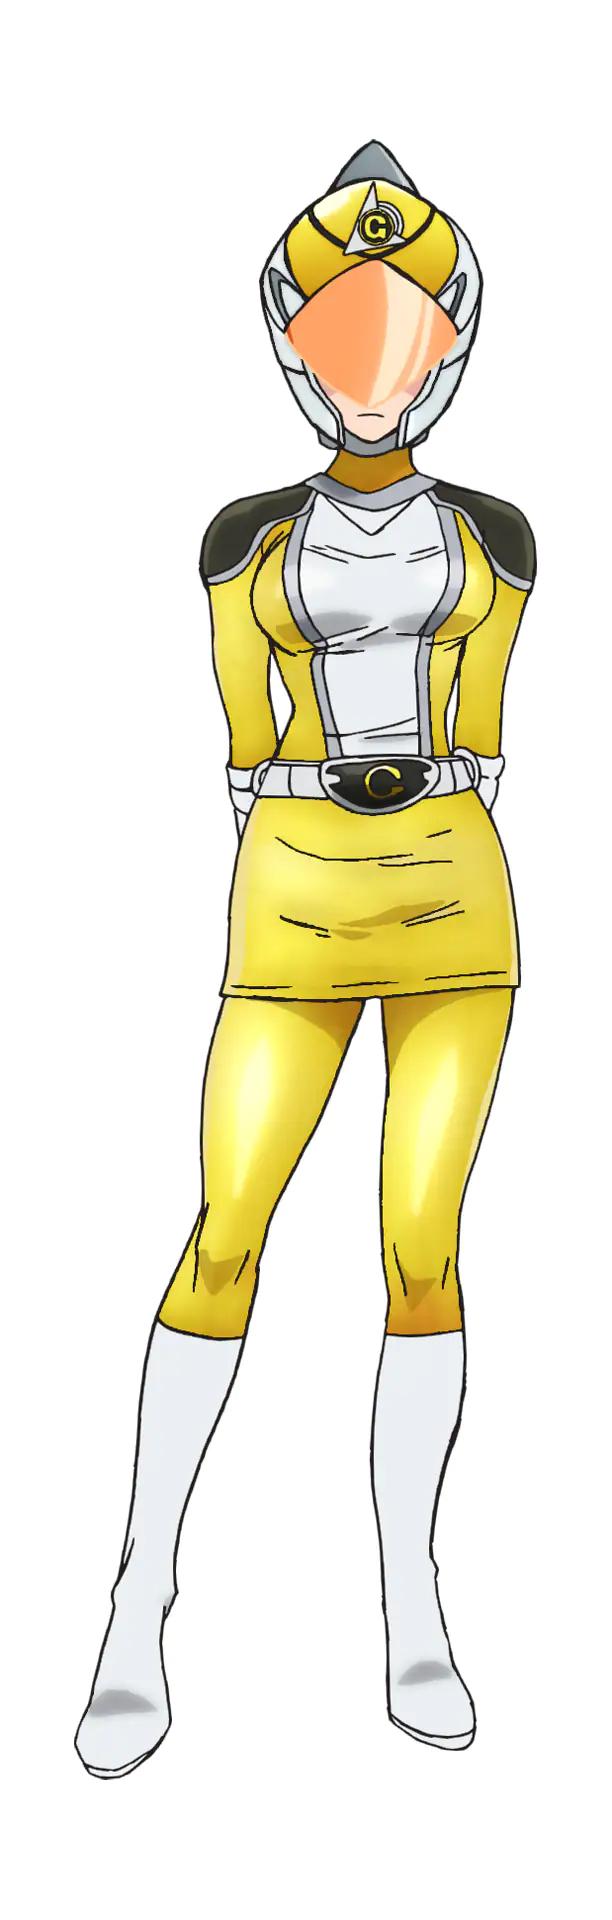 Gelato amarillo